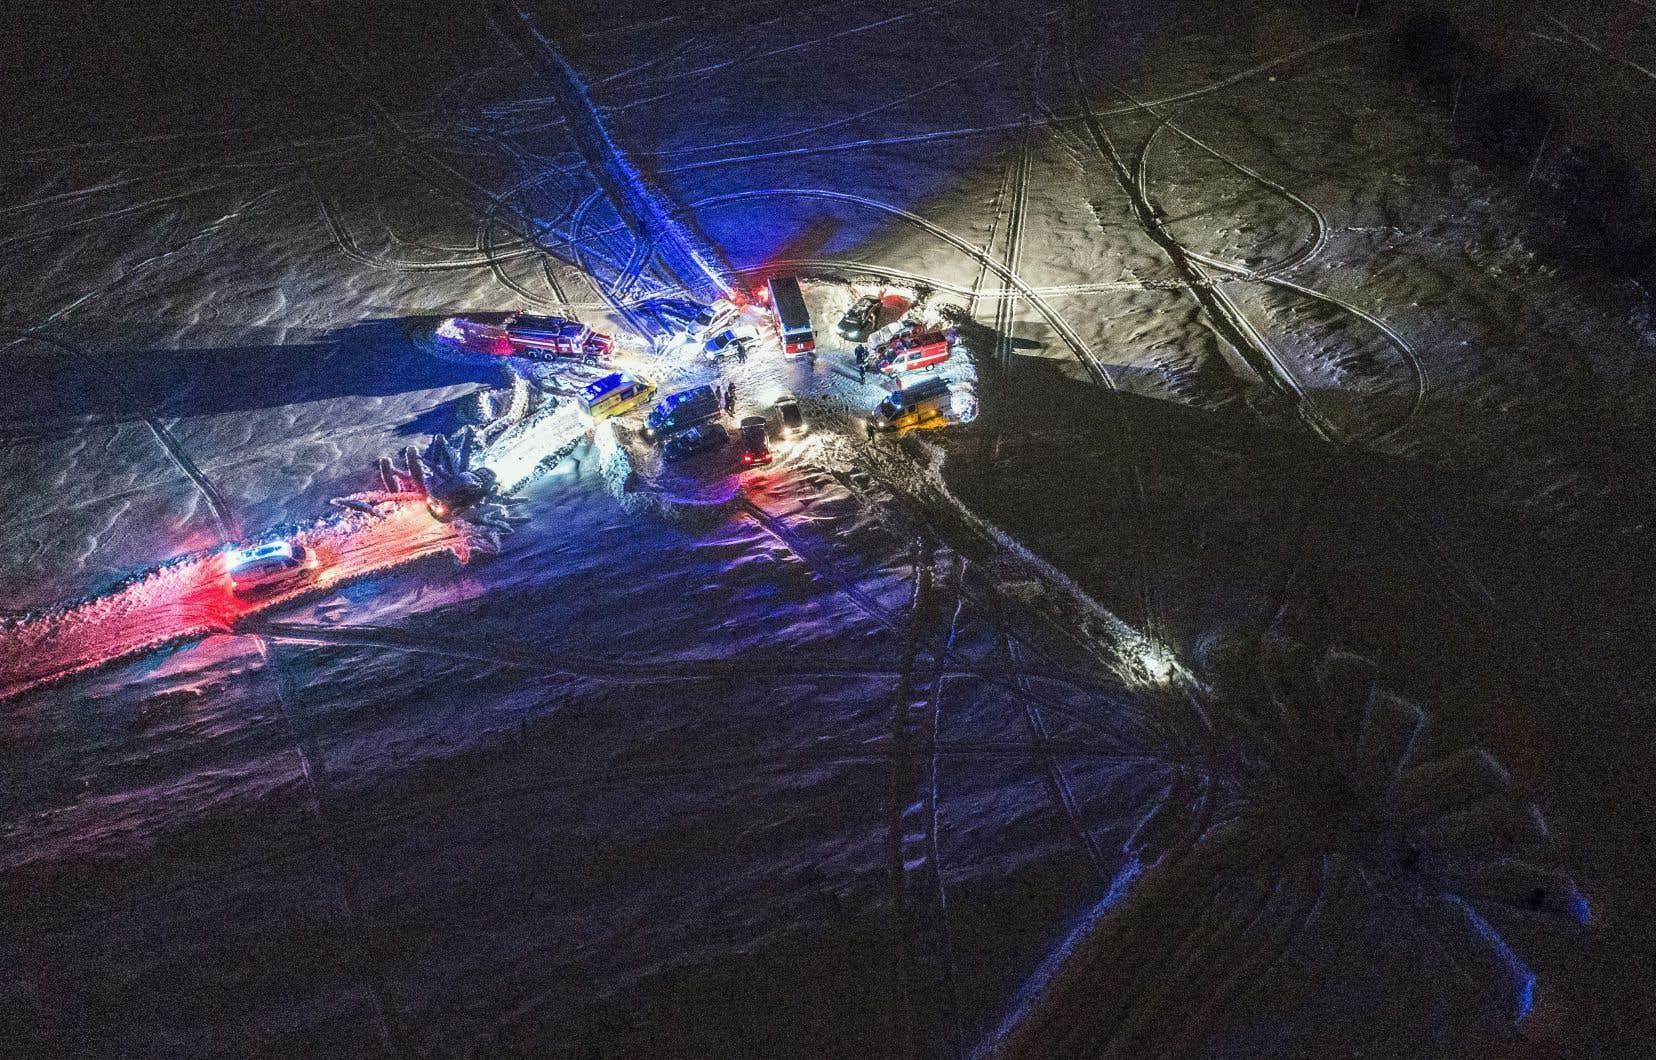 Des intervenants d'urgence travaillent sur le site de l'accident d'avion dans le district de Ramensky, en périphérie de Moscou.